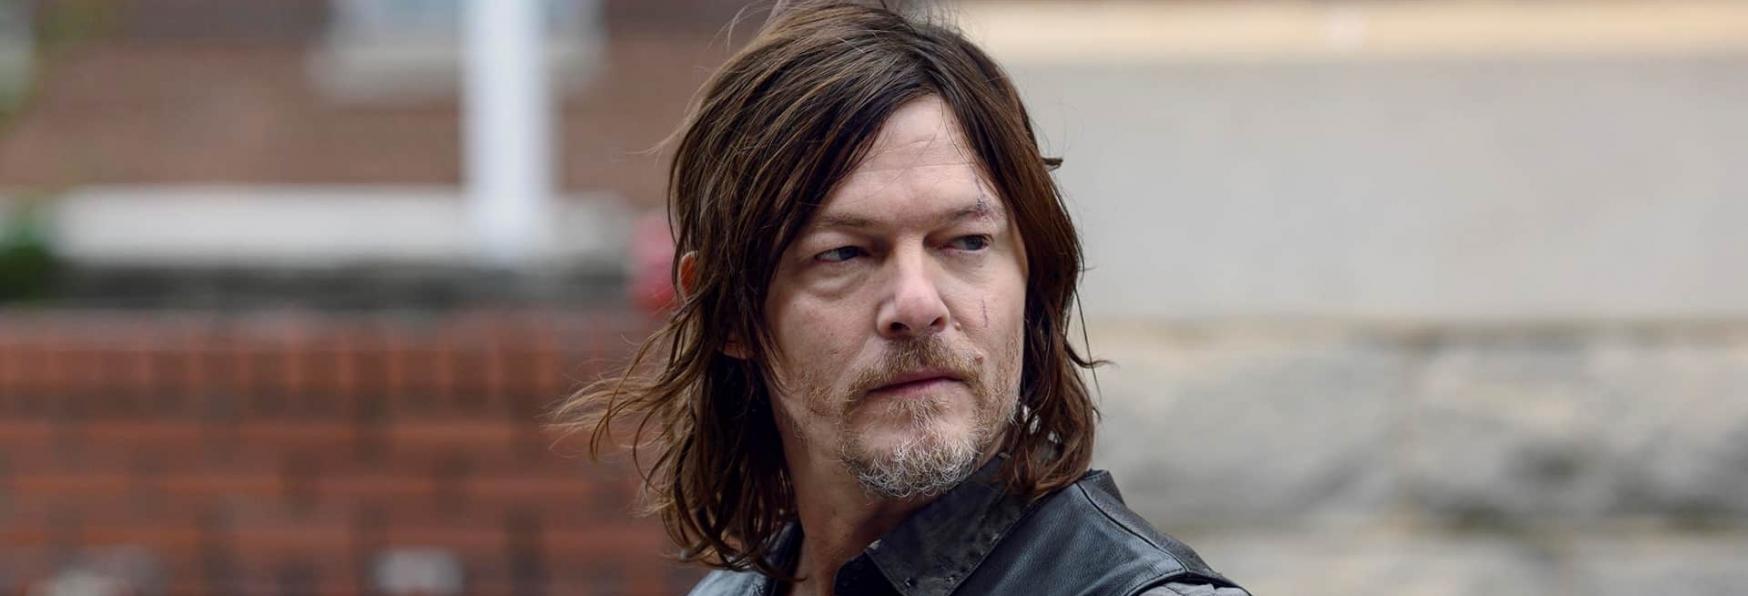 Norman Reedus (The Walking Dead) vorrebbe interpretare il Ruolo di Ghost Rider nella Marvel